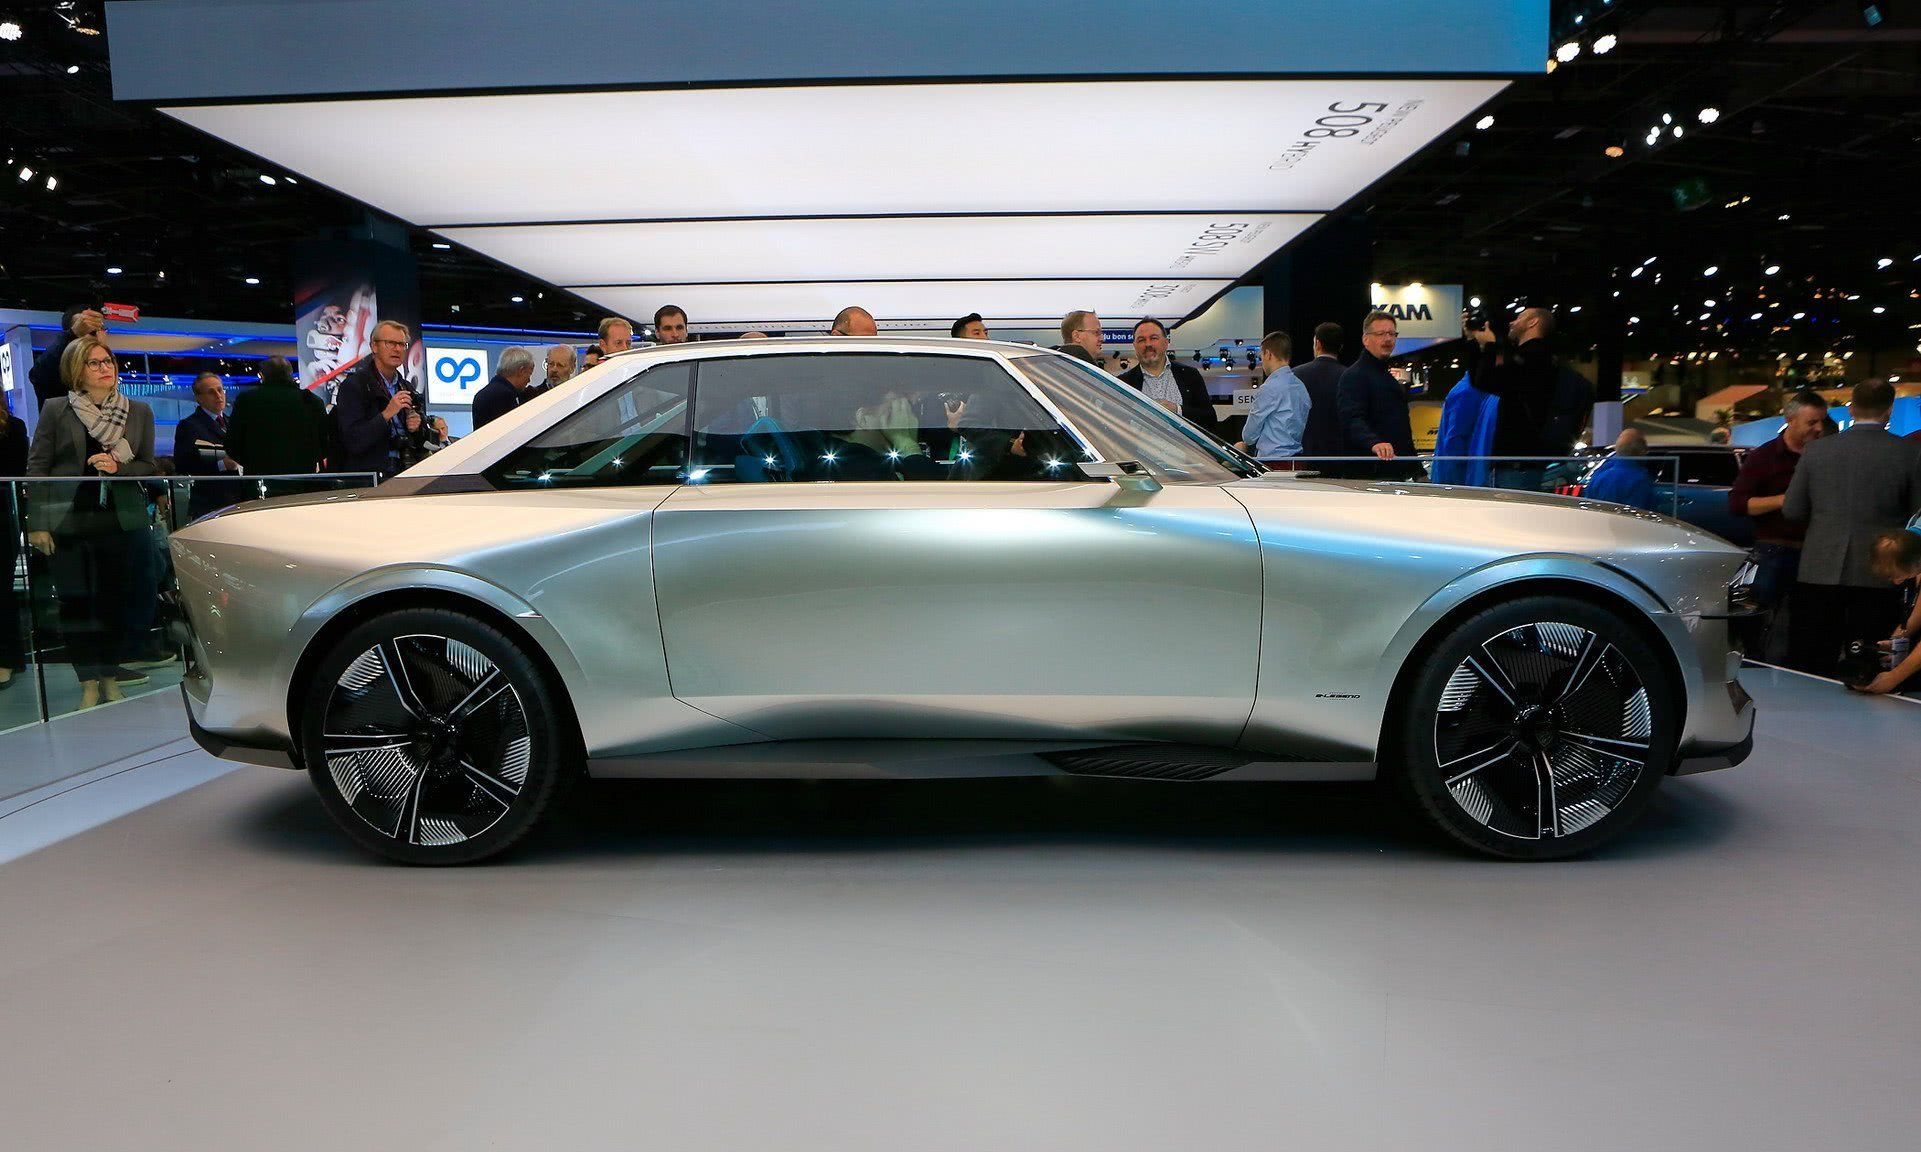 融合了复古、现代和未来的设计元素,这款标致估计是最潮老爷车